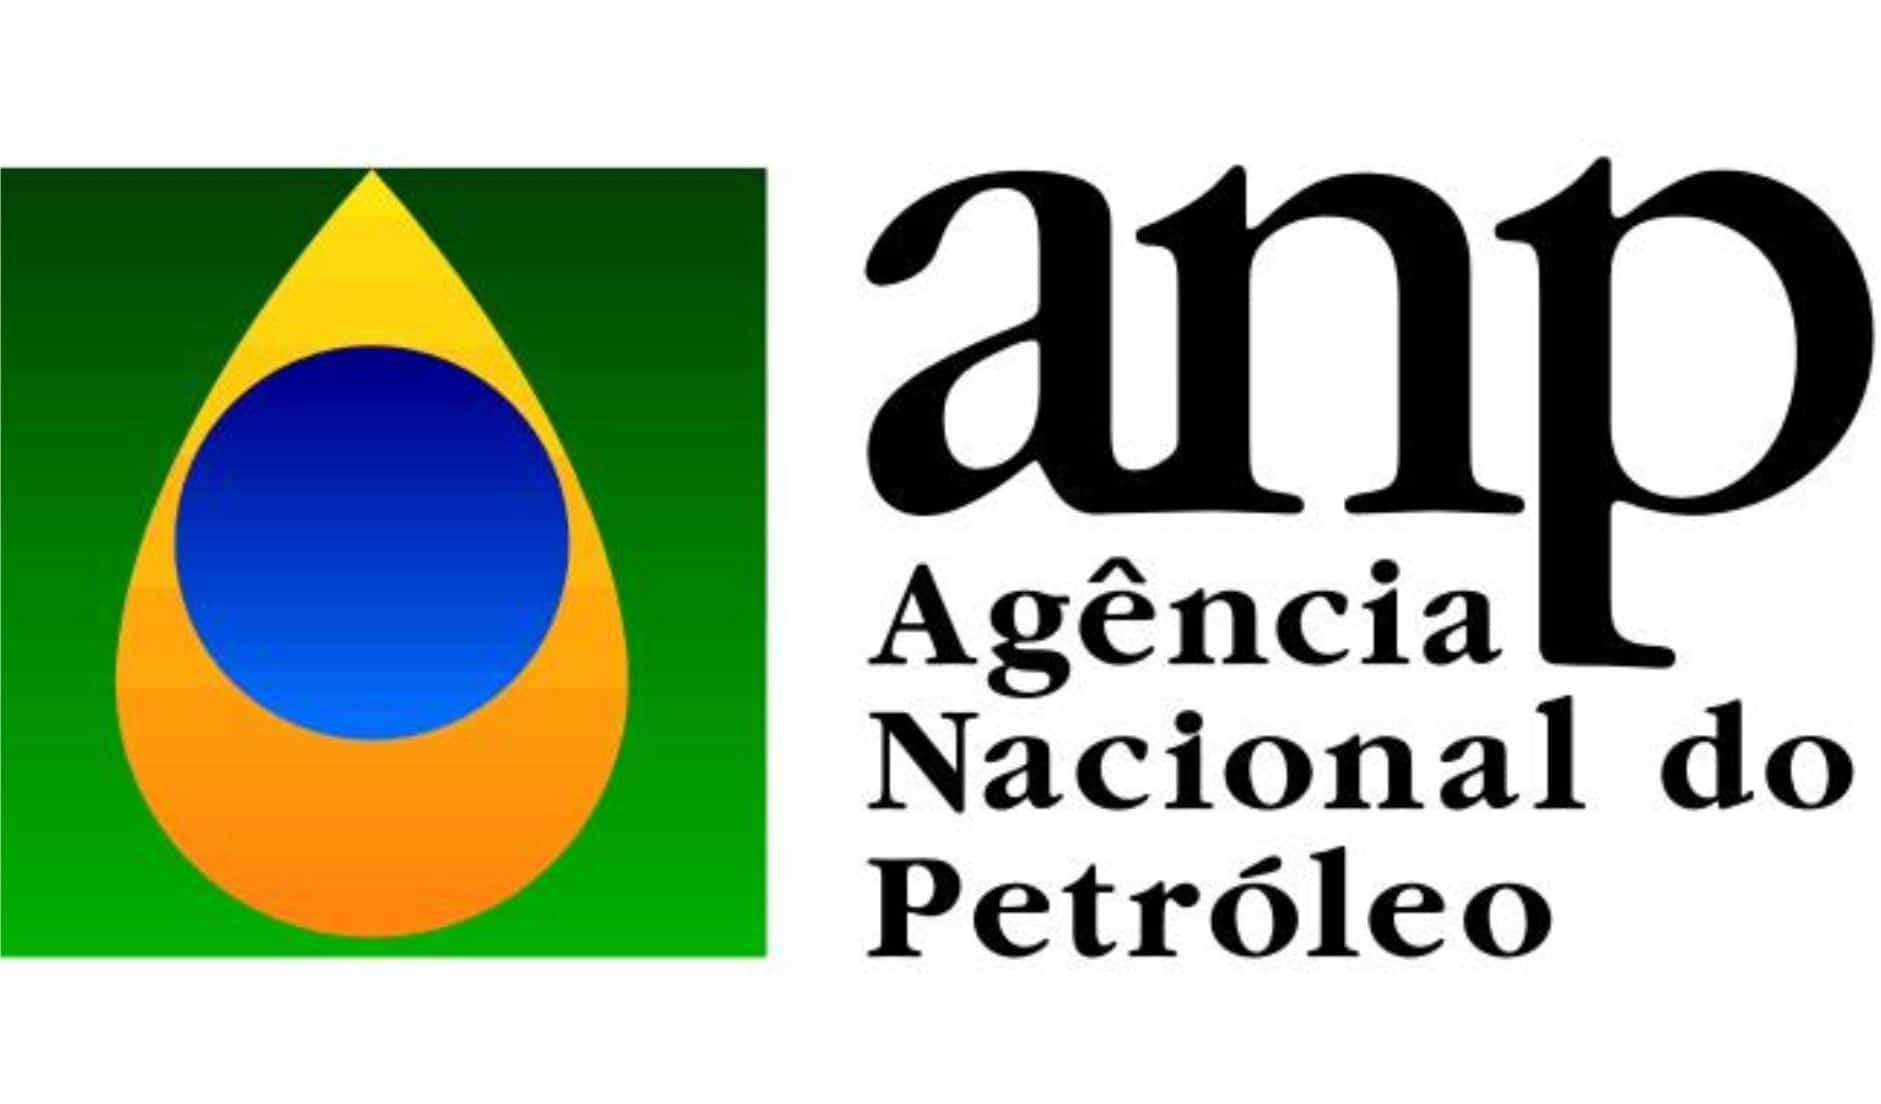 ANP espera arrecadar mais de R$ 3,5 bilhões com leilões de petróleo em 2018